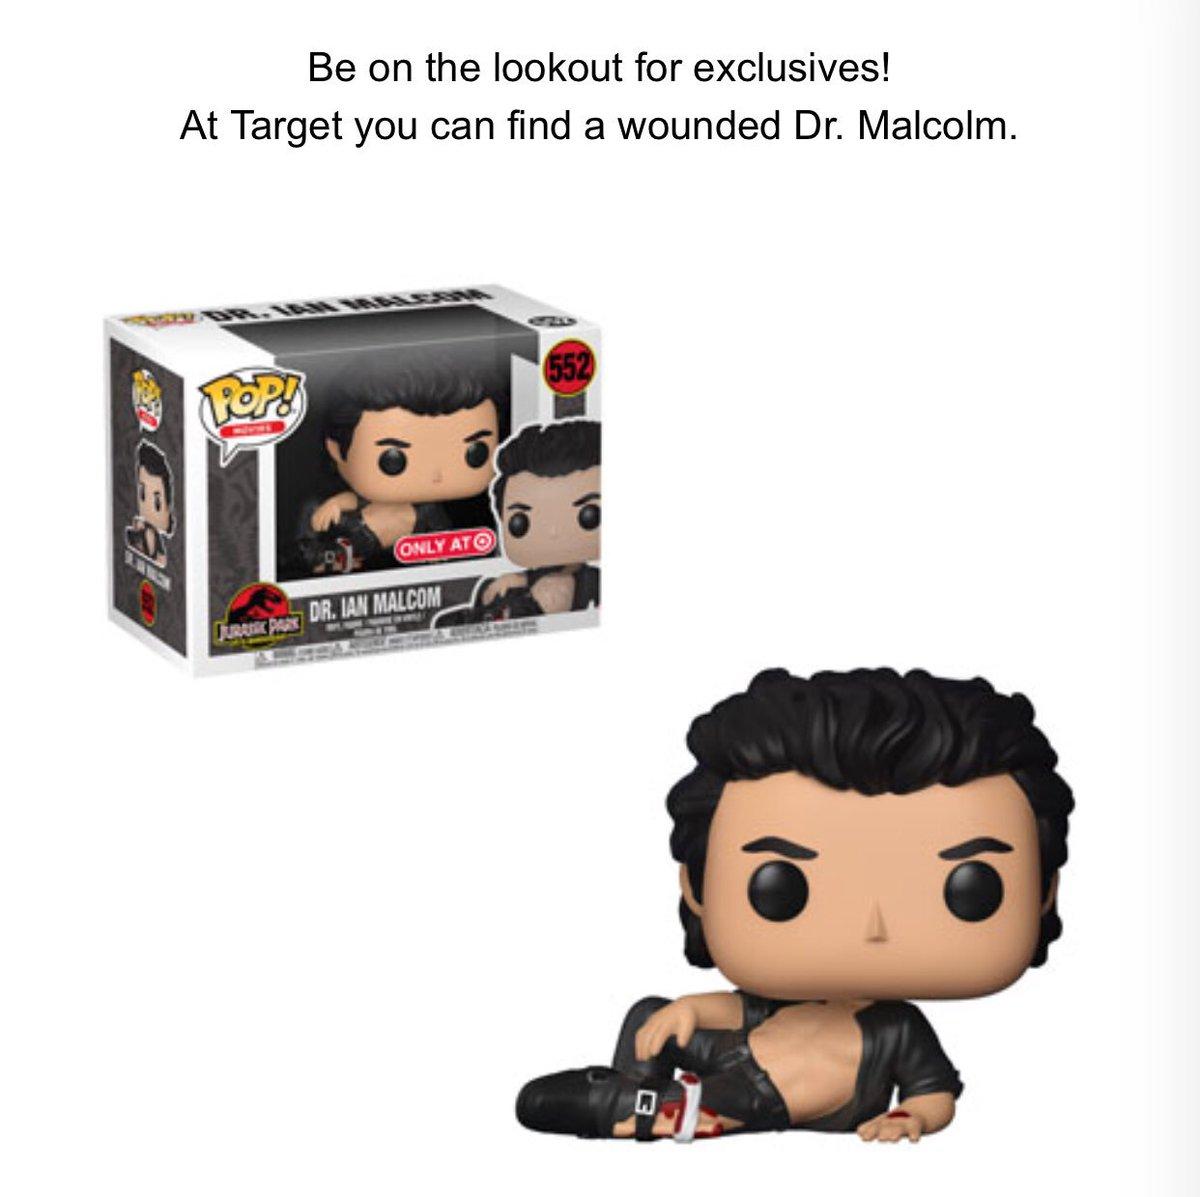 Jeff Goldblum annonce sa participation au jeu vidéo